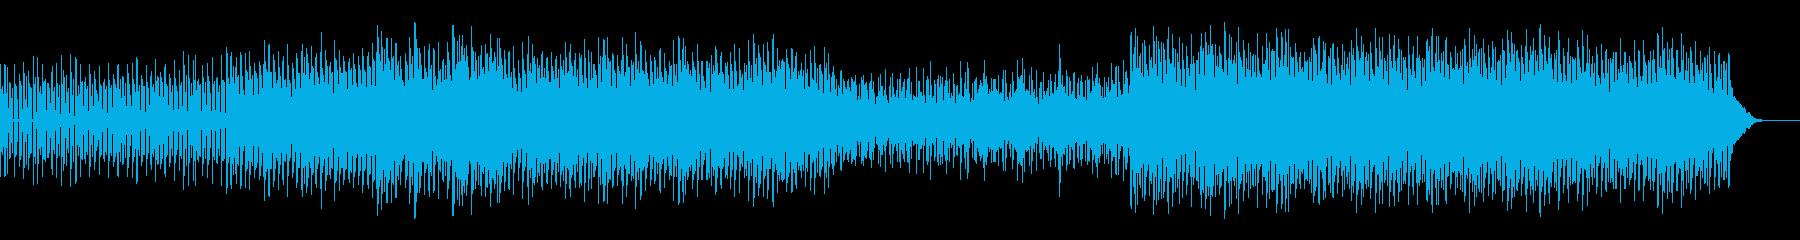 冷静になるの再生済みの波形